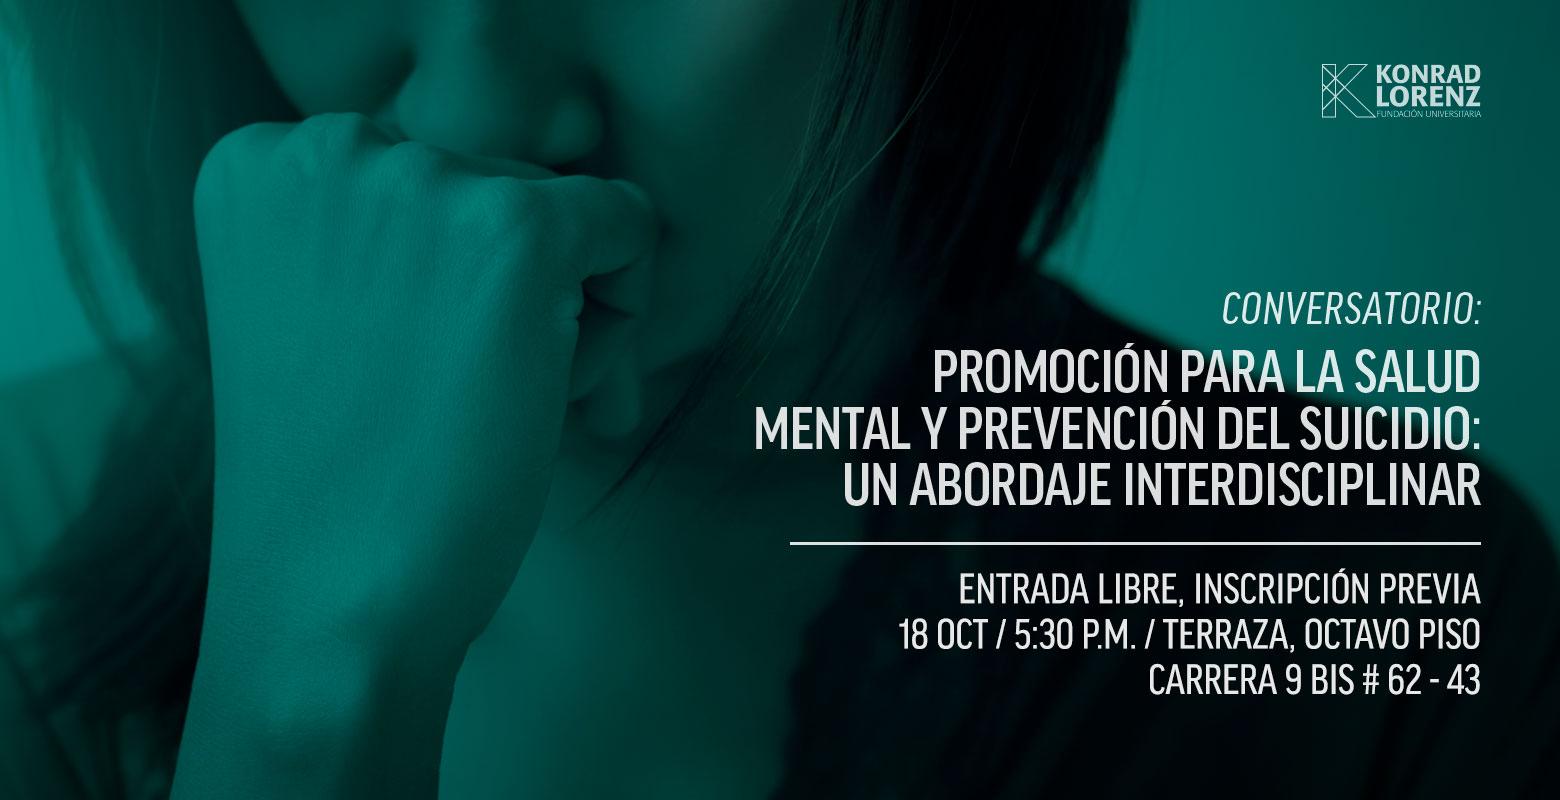 Promoción para la salud mental y prevención del suicidio: un abordaje interdisciplinar